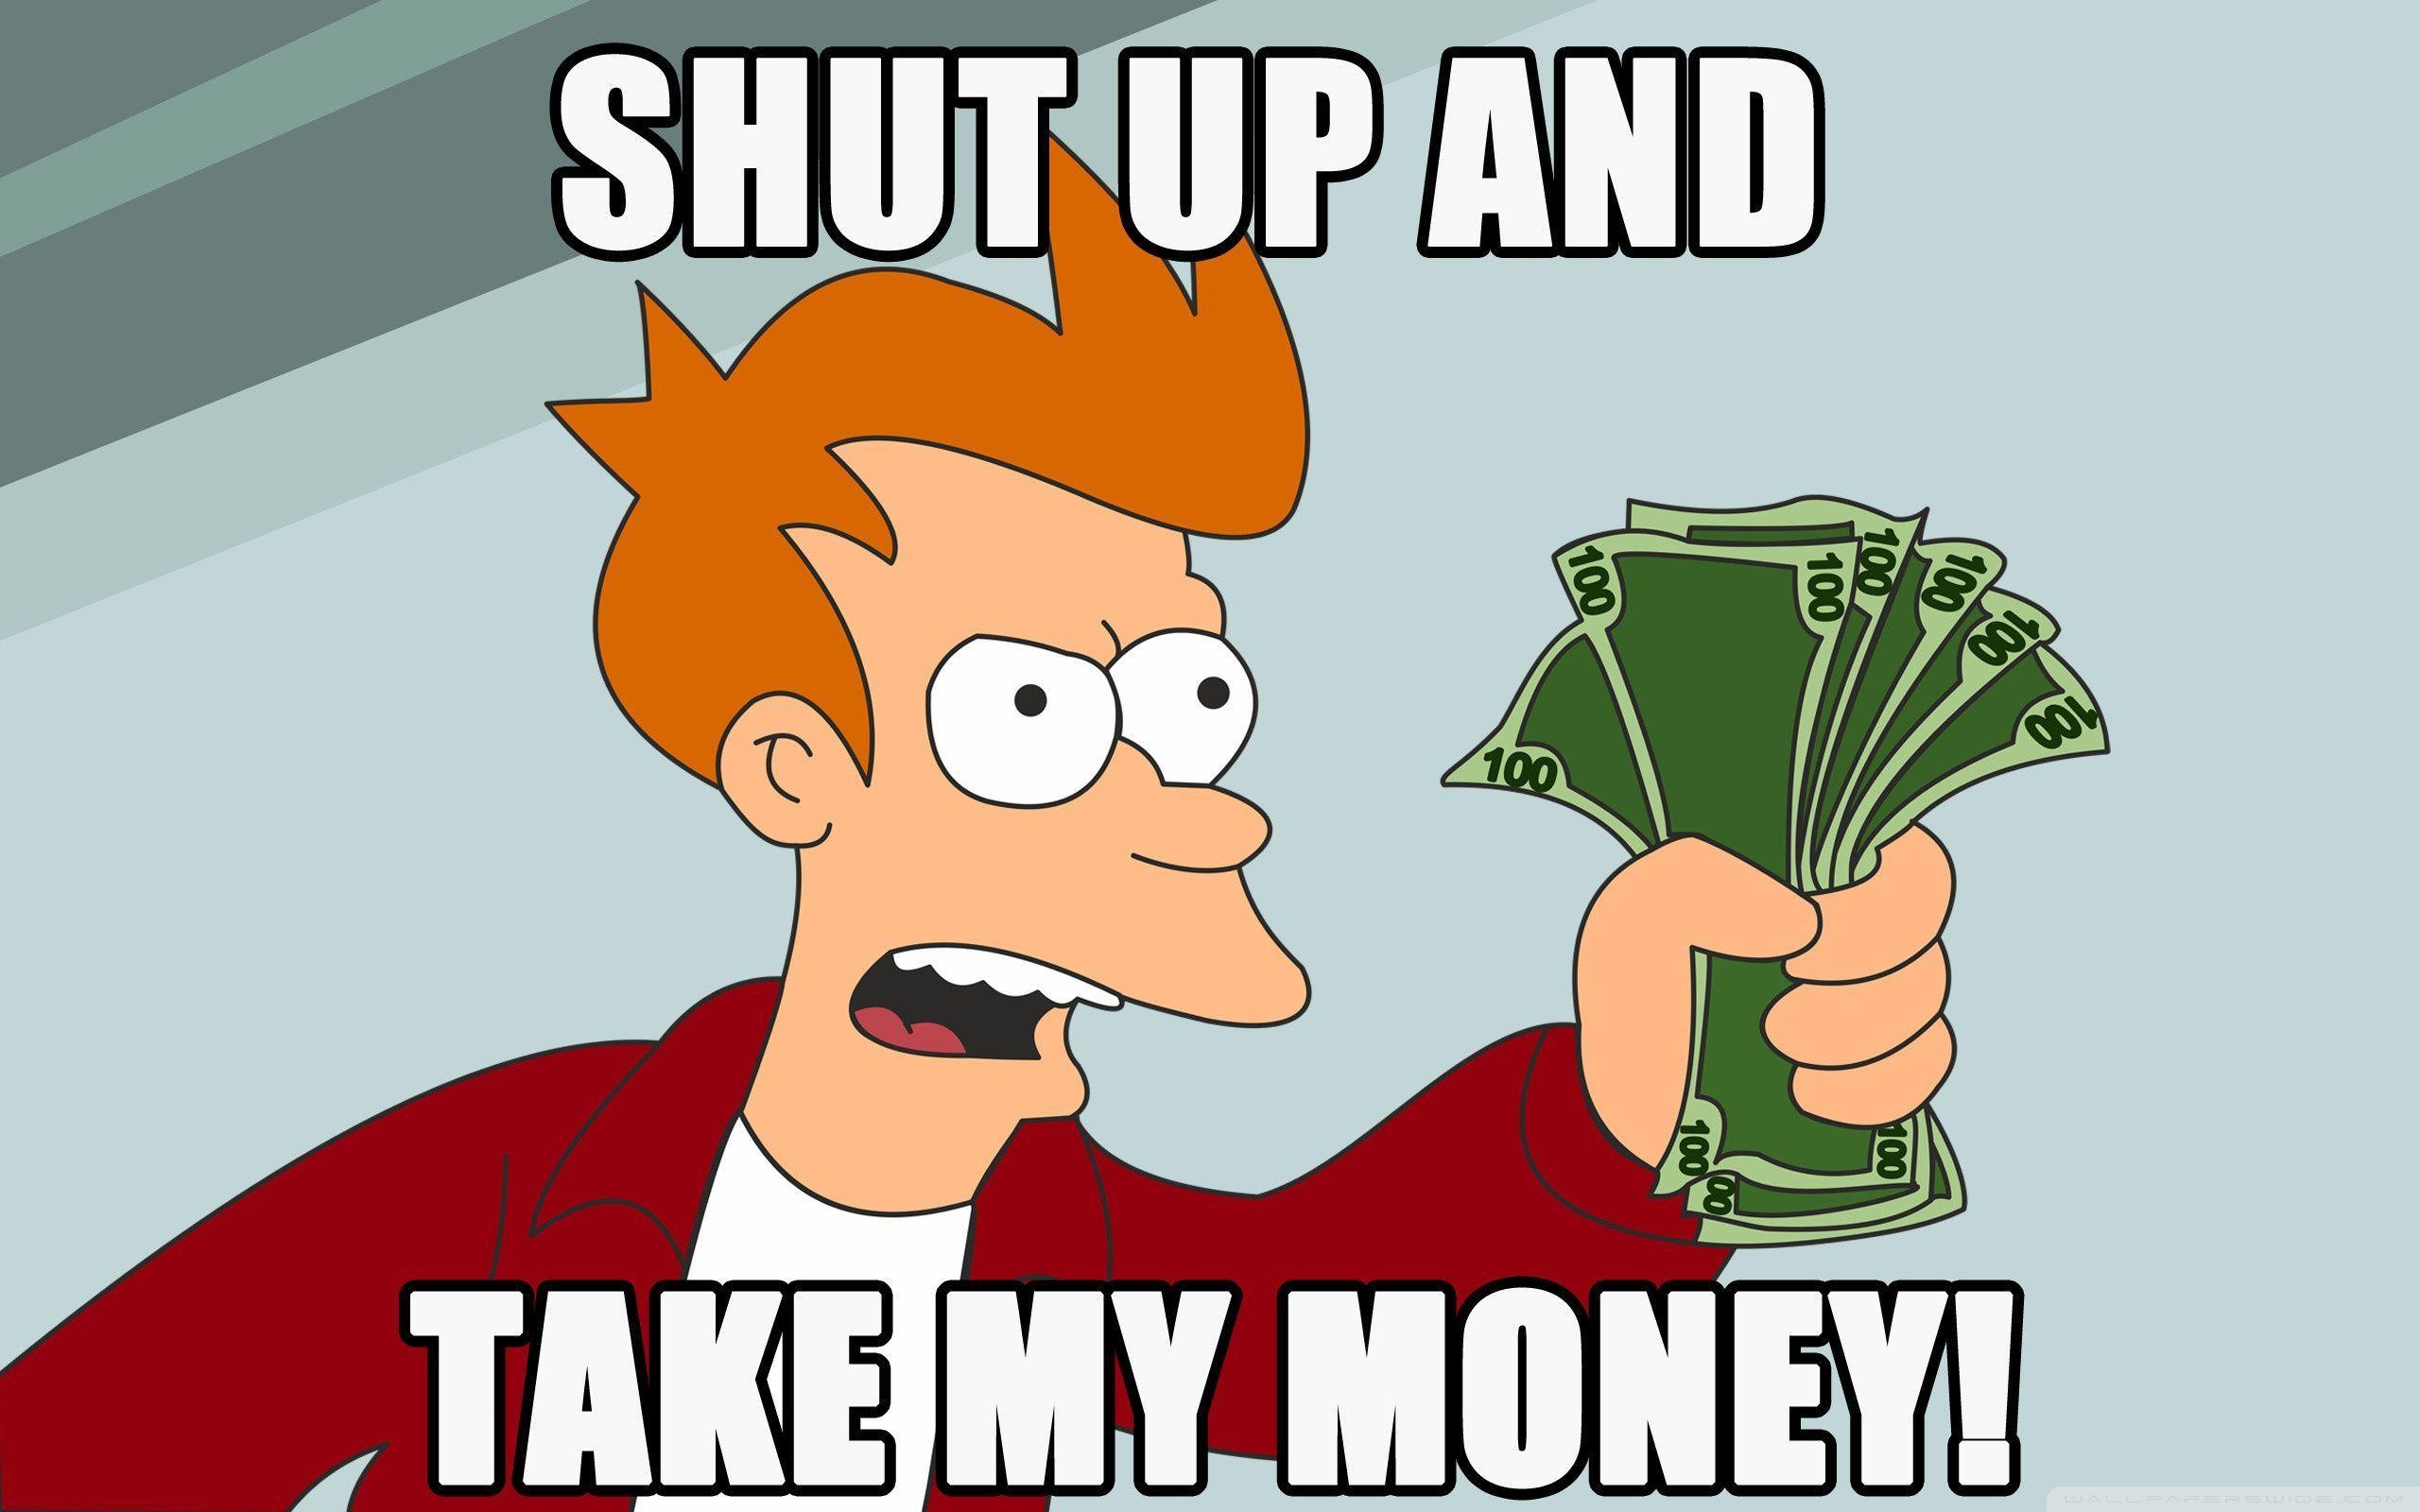 Cuando ves algo que quieres comprar pero cuesta mucho dinero ¿qué haces?